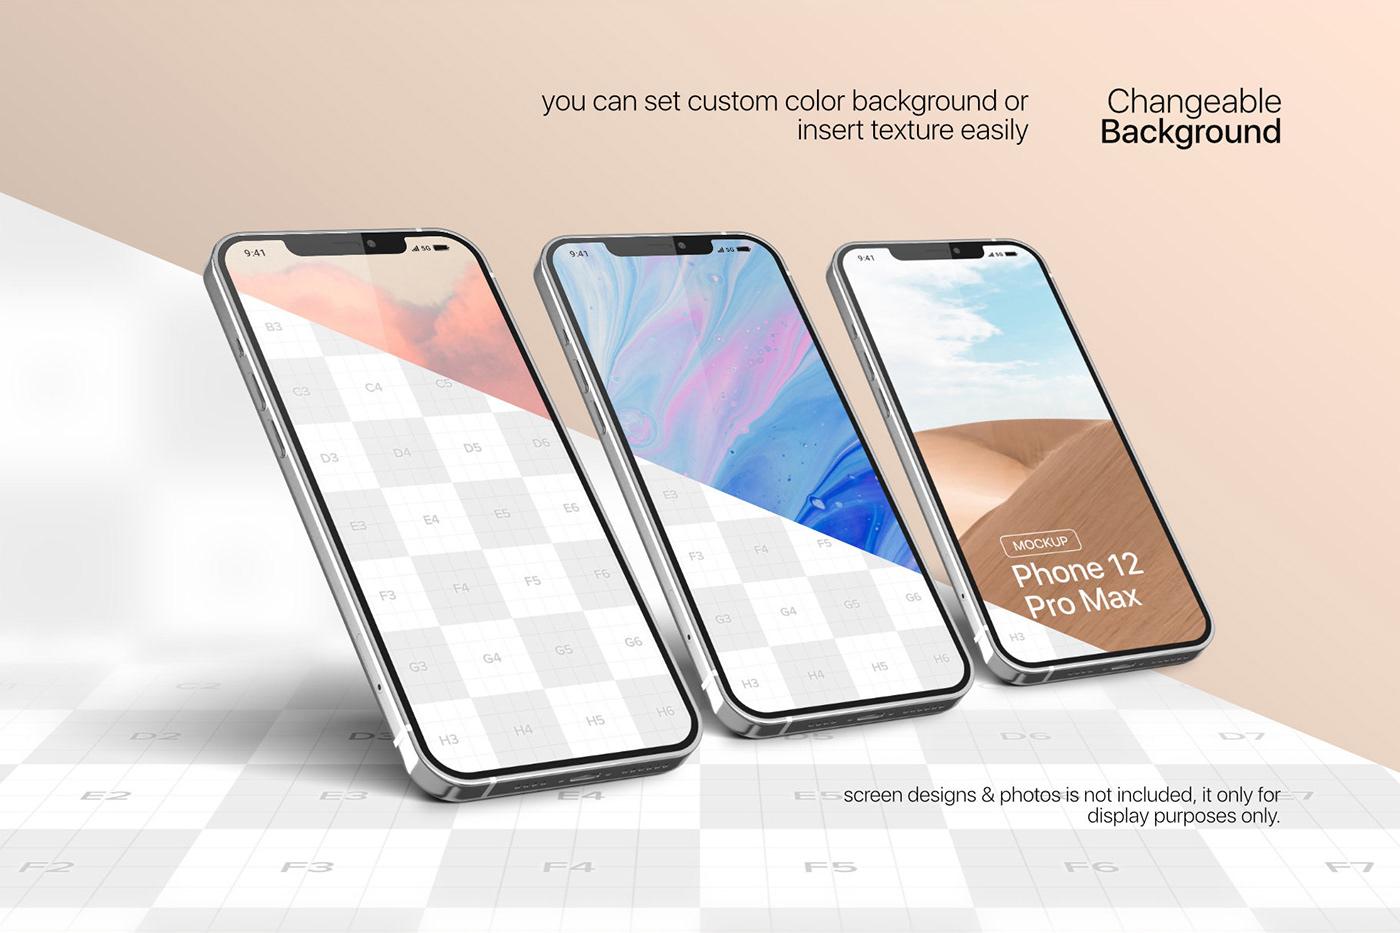 20款时尚苹果iPhone 12 Pro手机APP应用设计屏幕演示样机模板 iPhone 12 Pro Max Mockup插图2